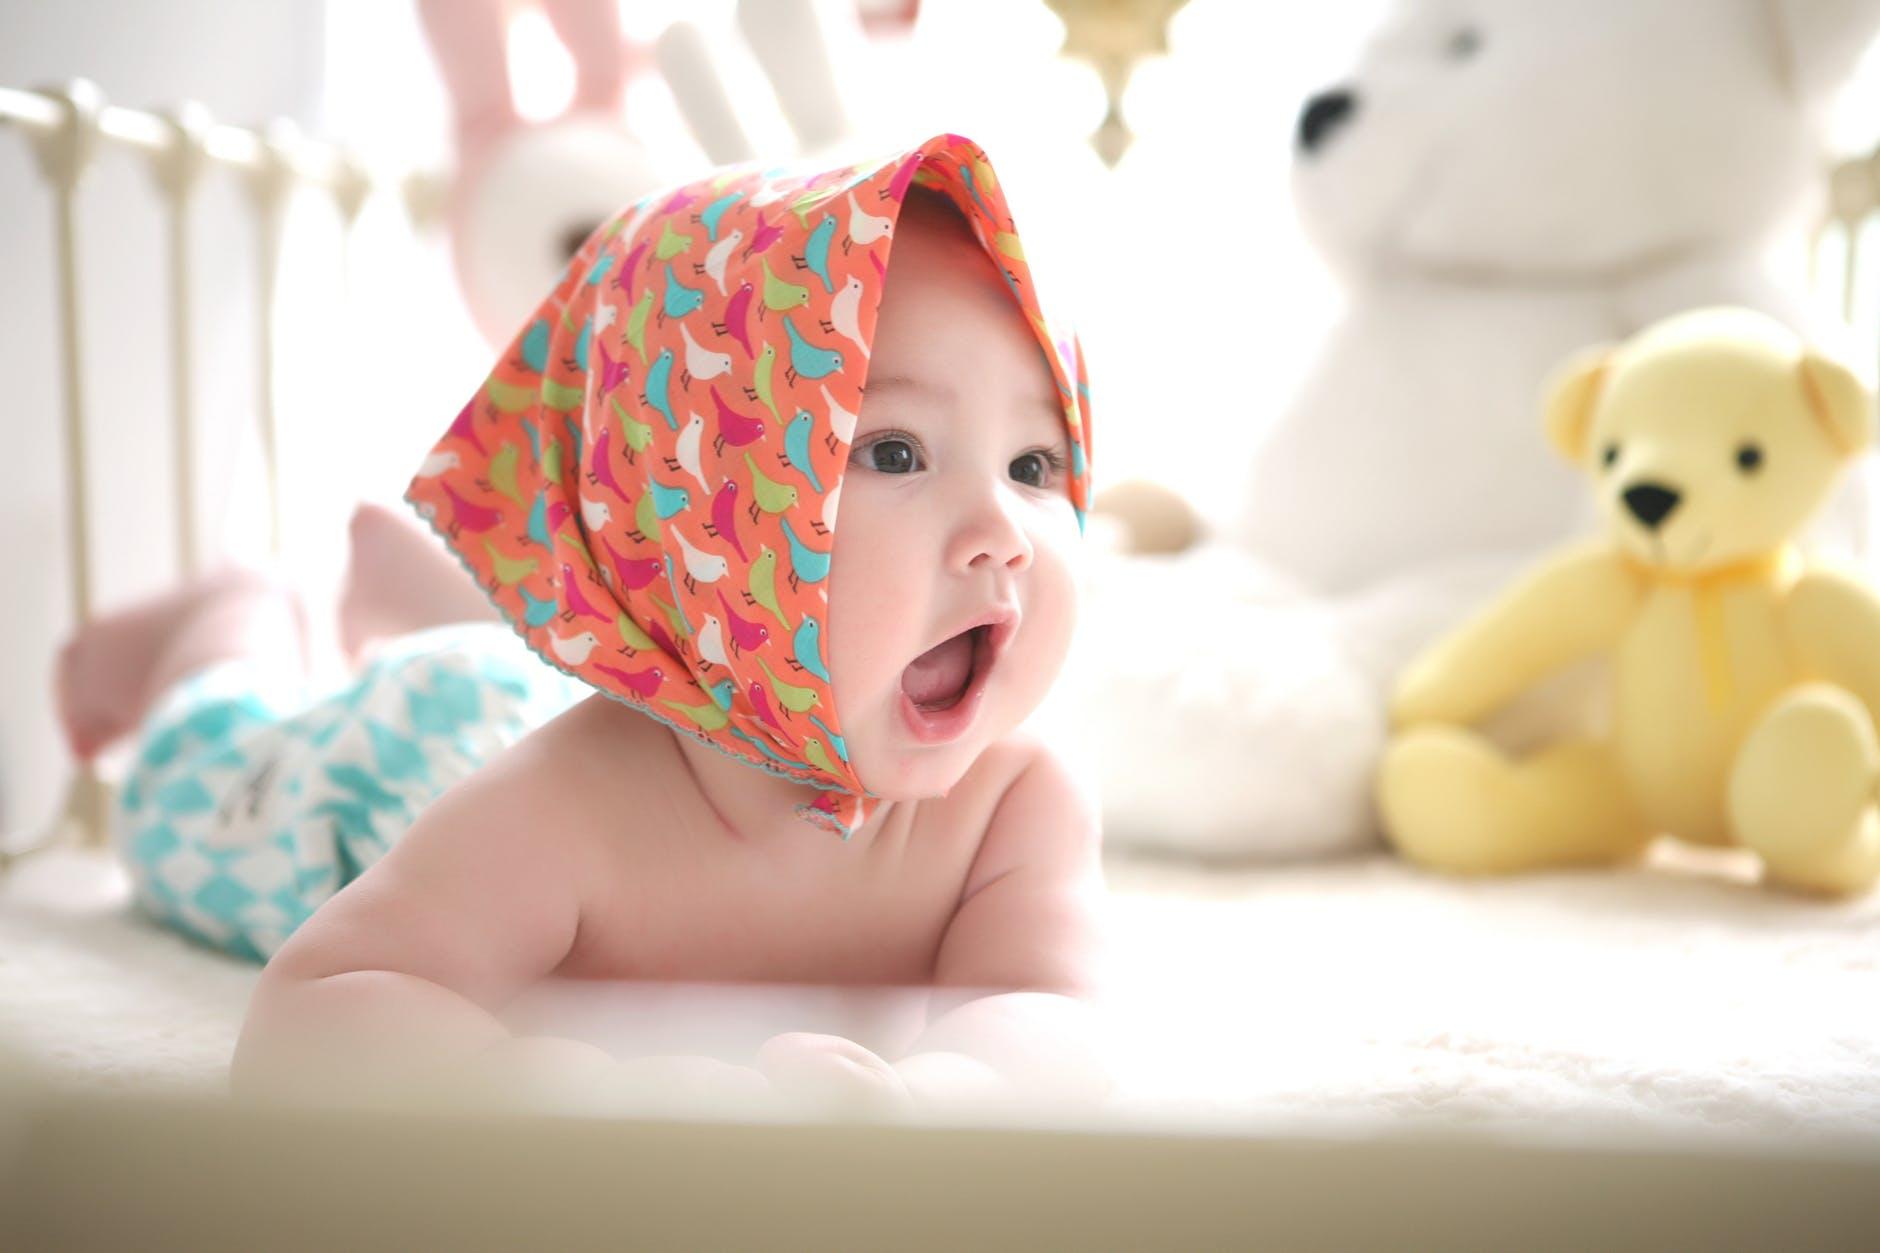 Cuna de pinchos - síndrome - Mamás360